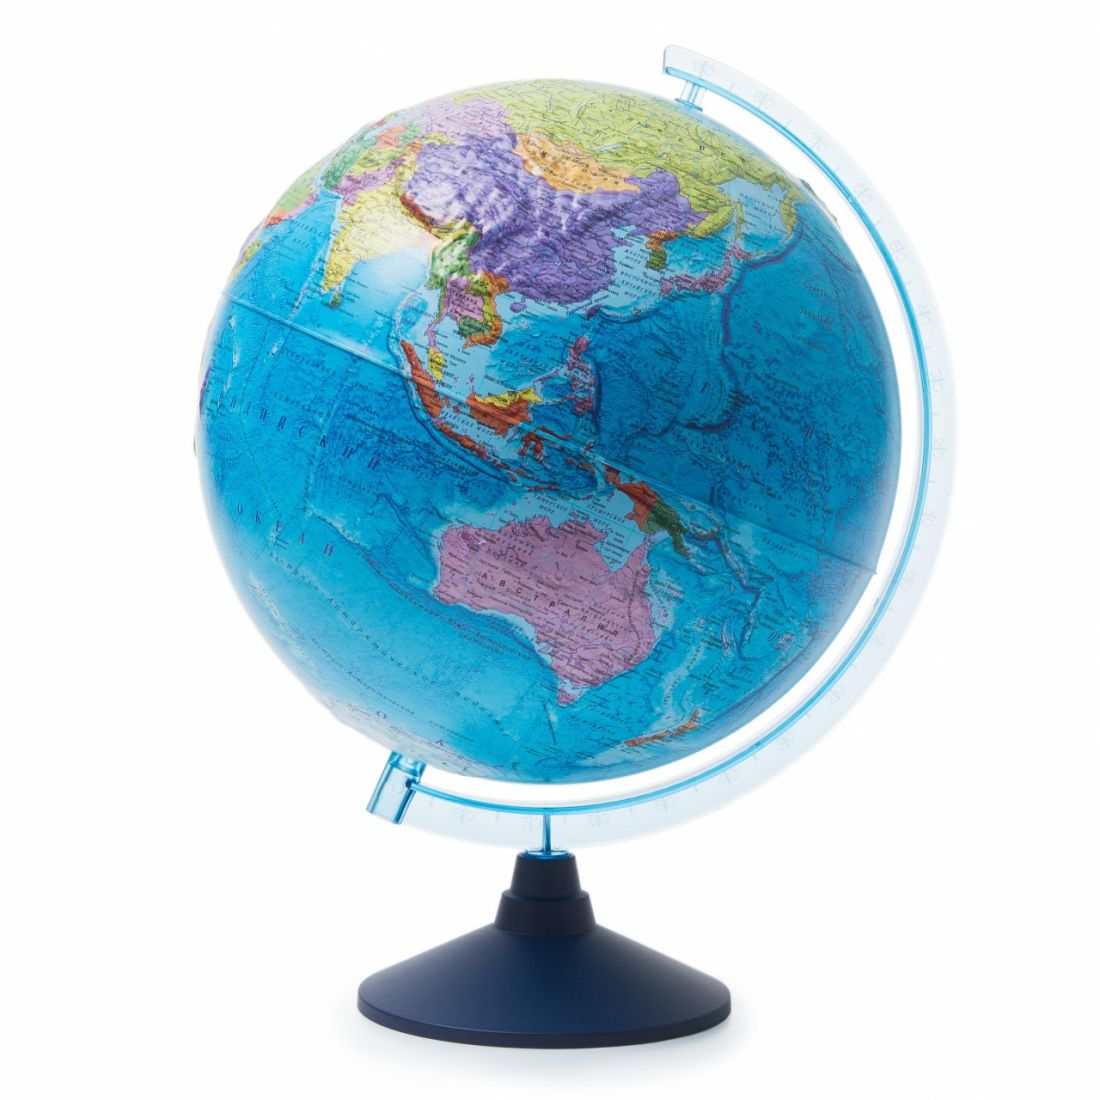 Глобус GLOBEN Ке013200230 Политический рельефный 320 Евро